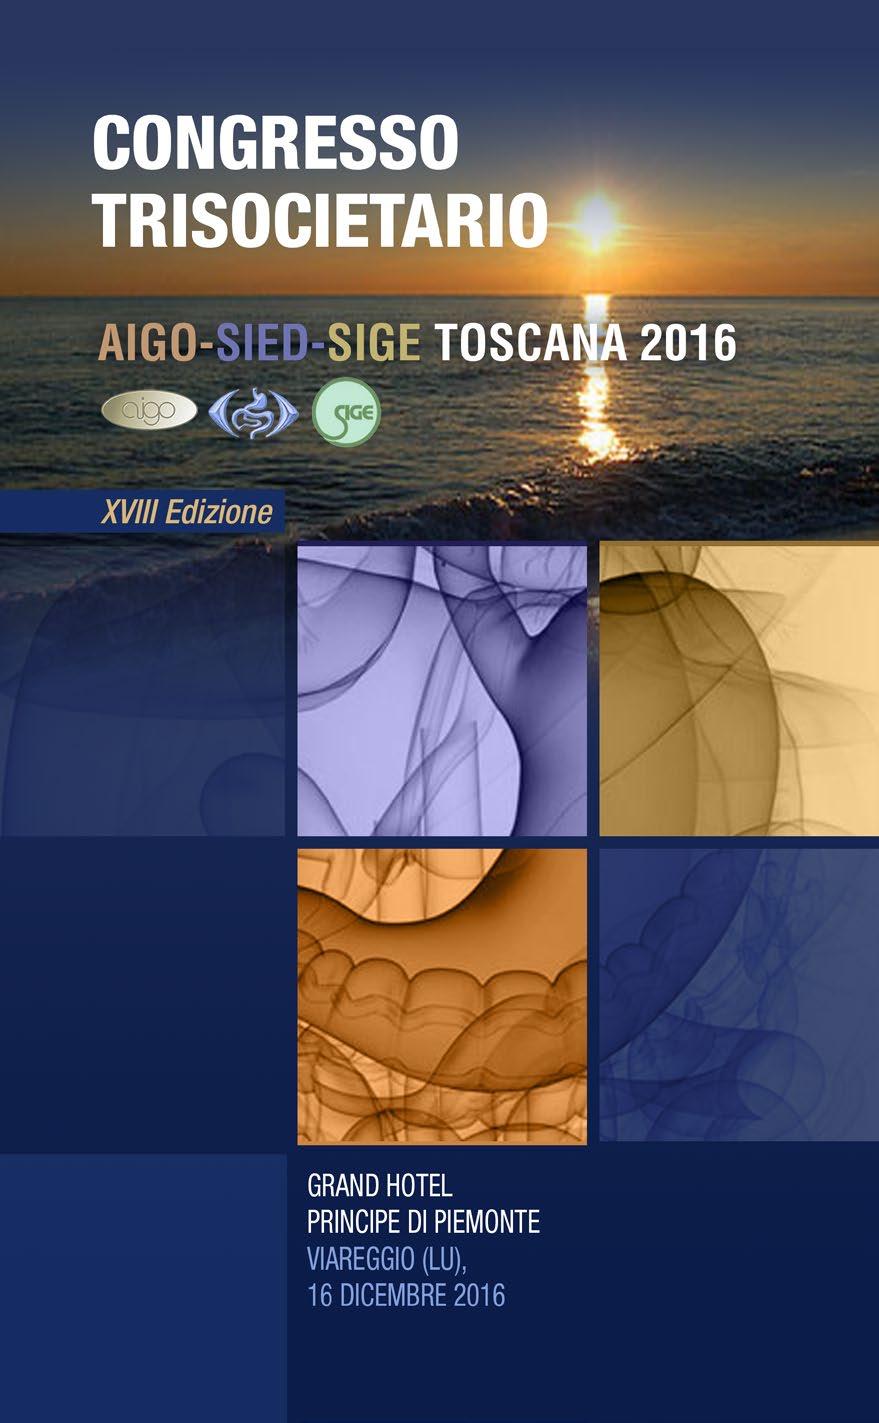 Congresso trisocietario AIGO-SIED-SIGE Toscana 2016